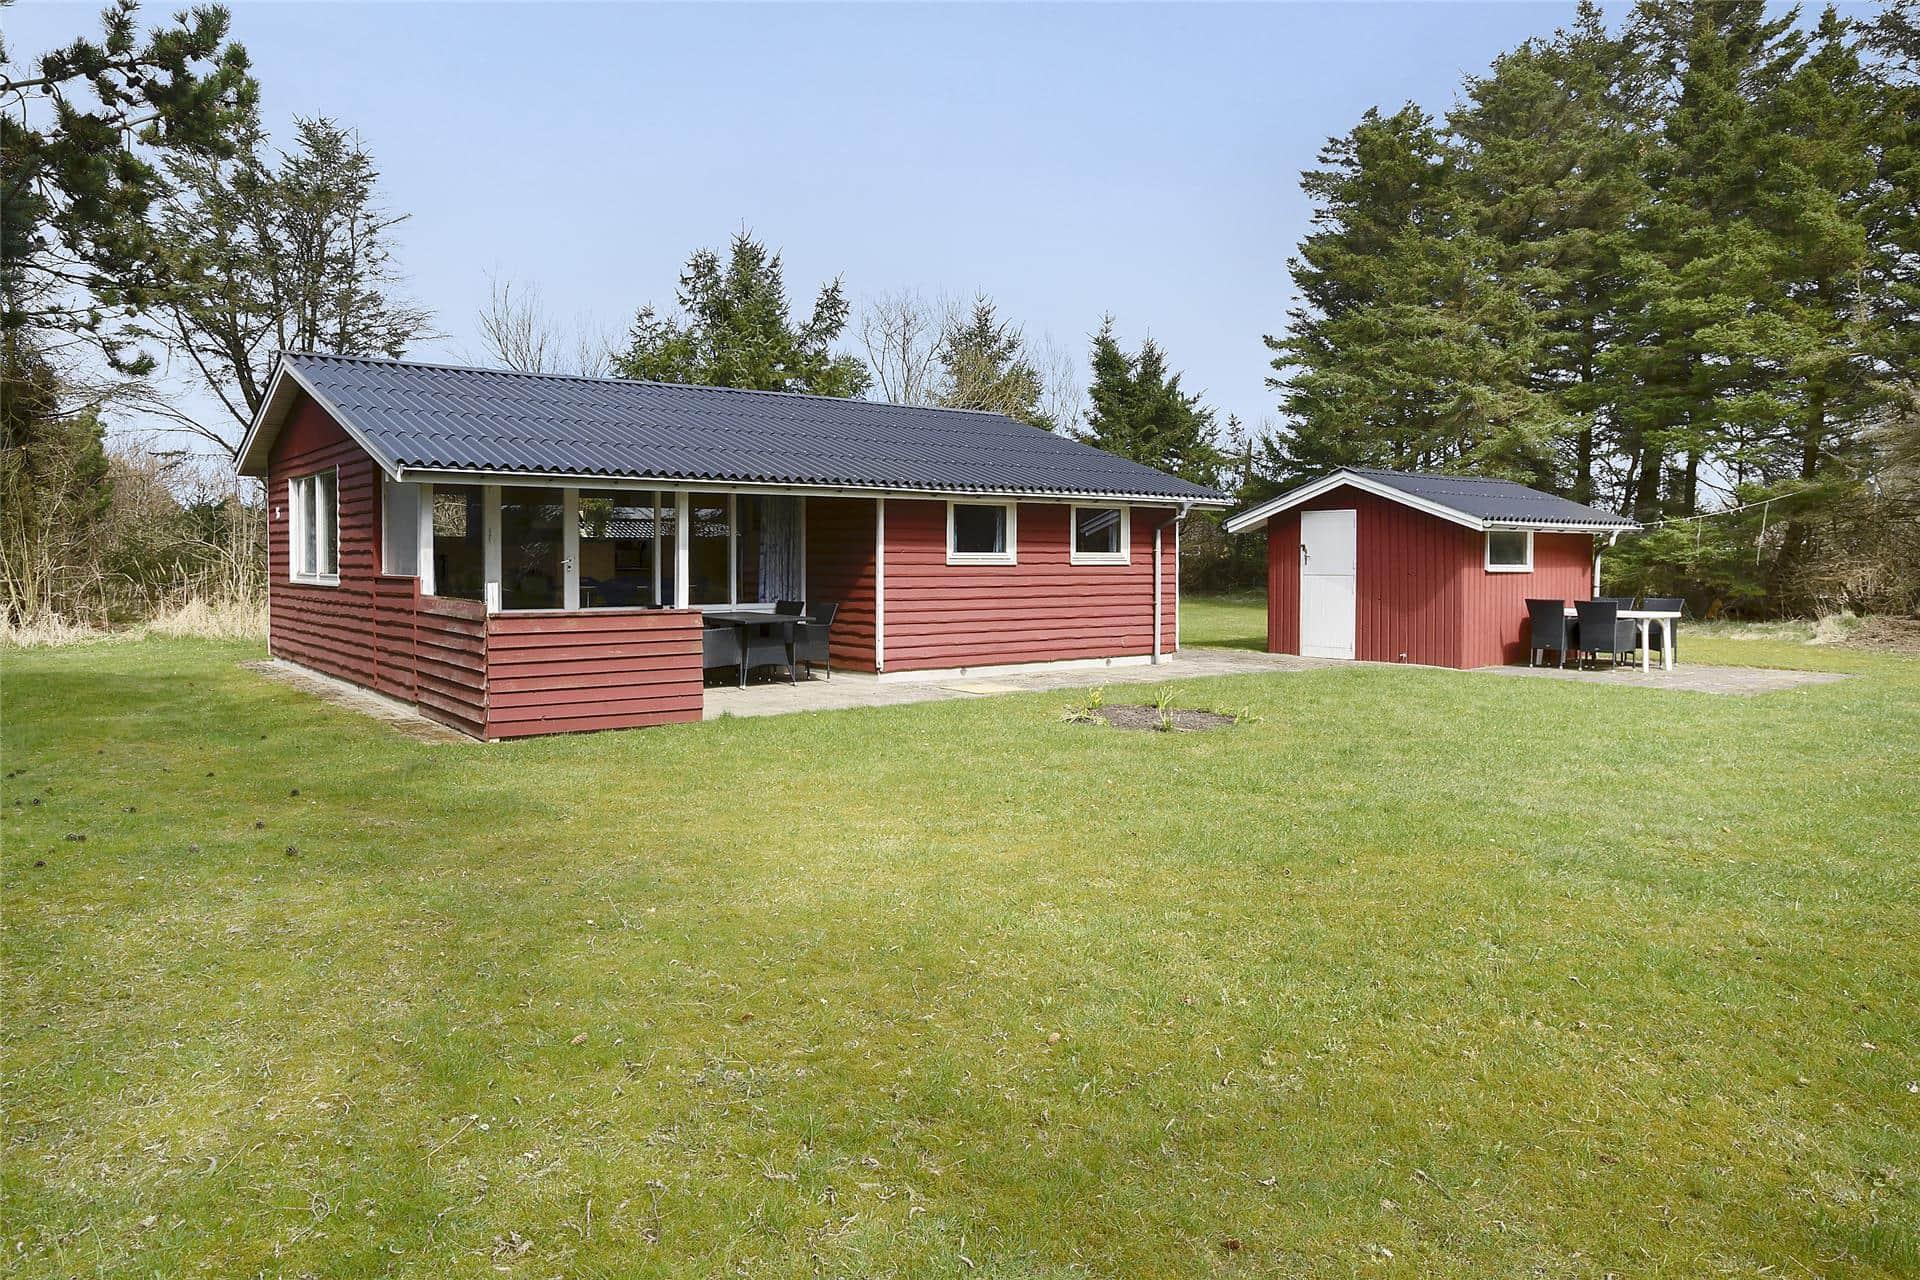 Billede 1-178 Sommerhus LN1461, Brune Banke 5, DK - 9800 Hjørring